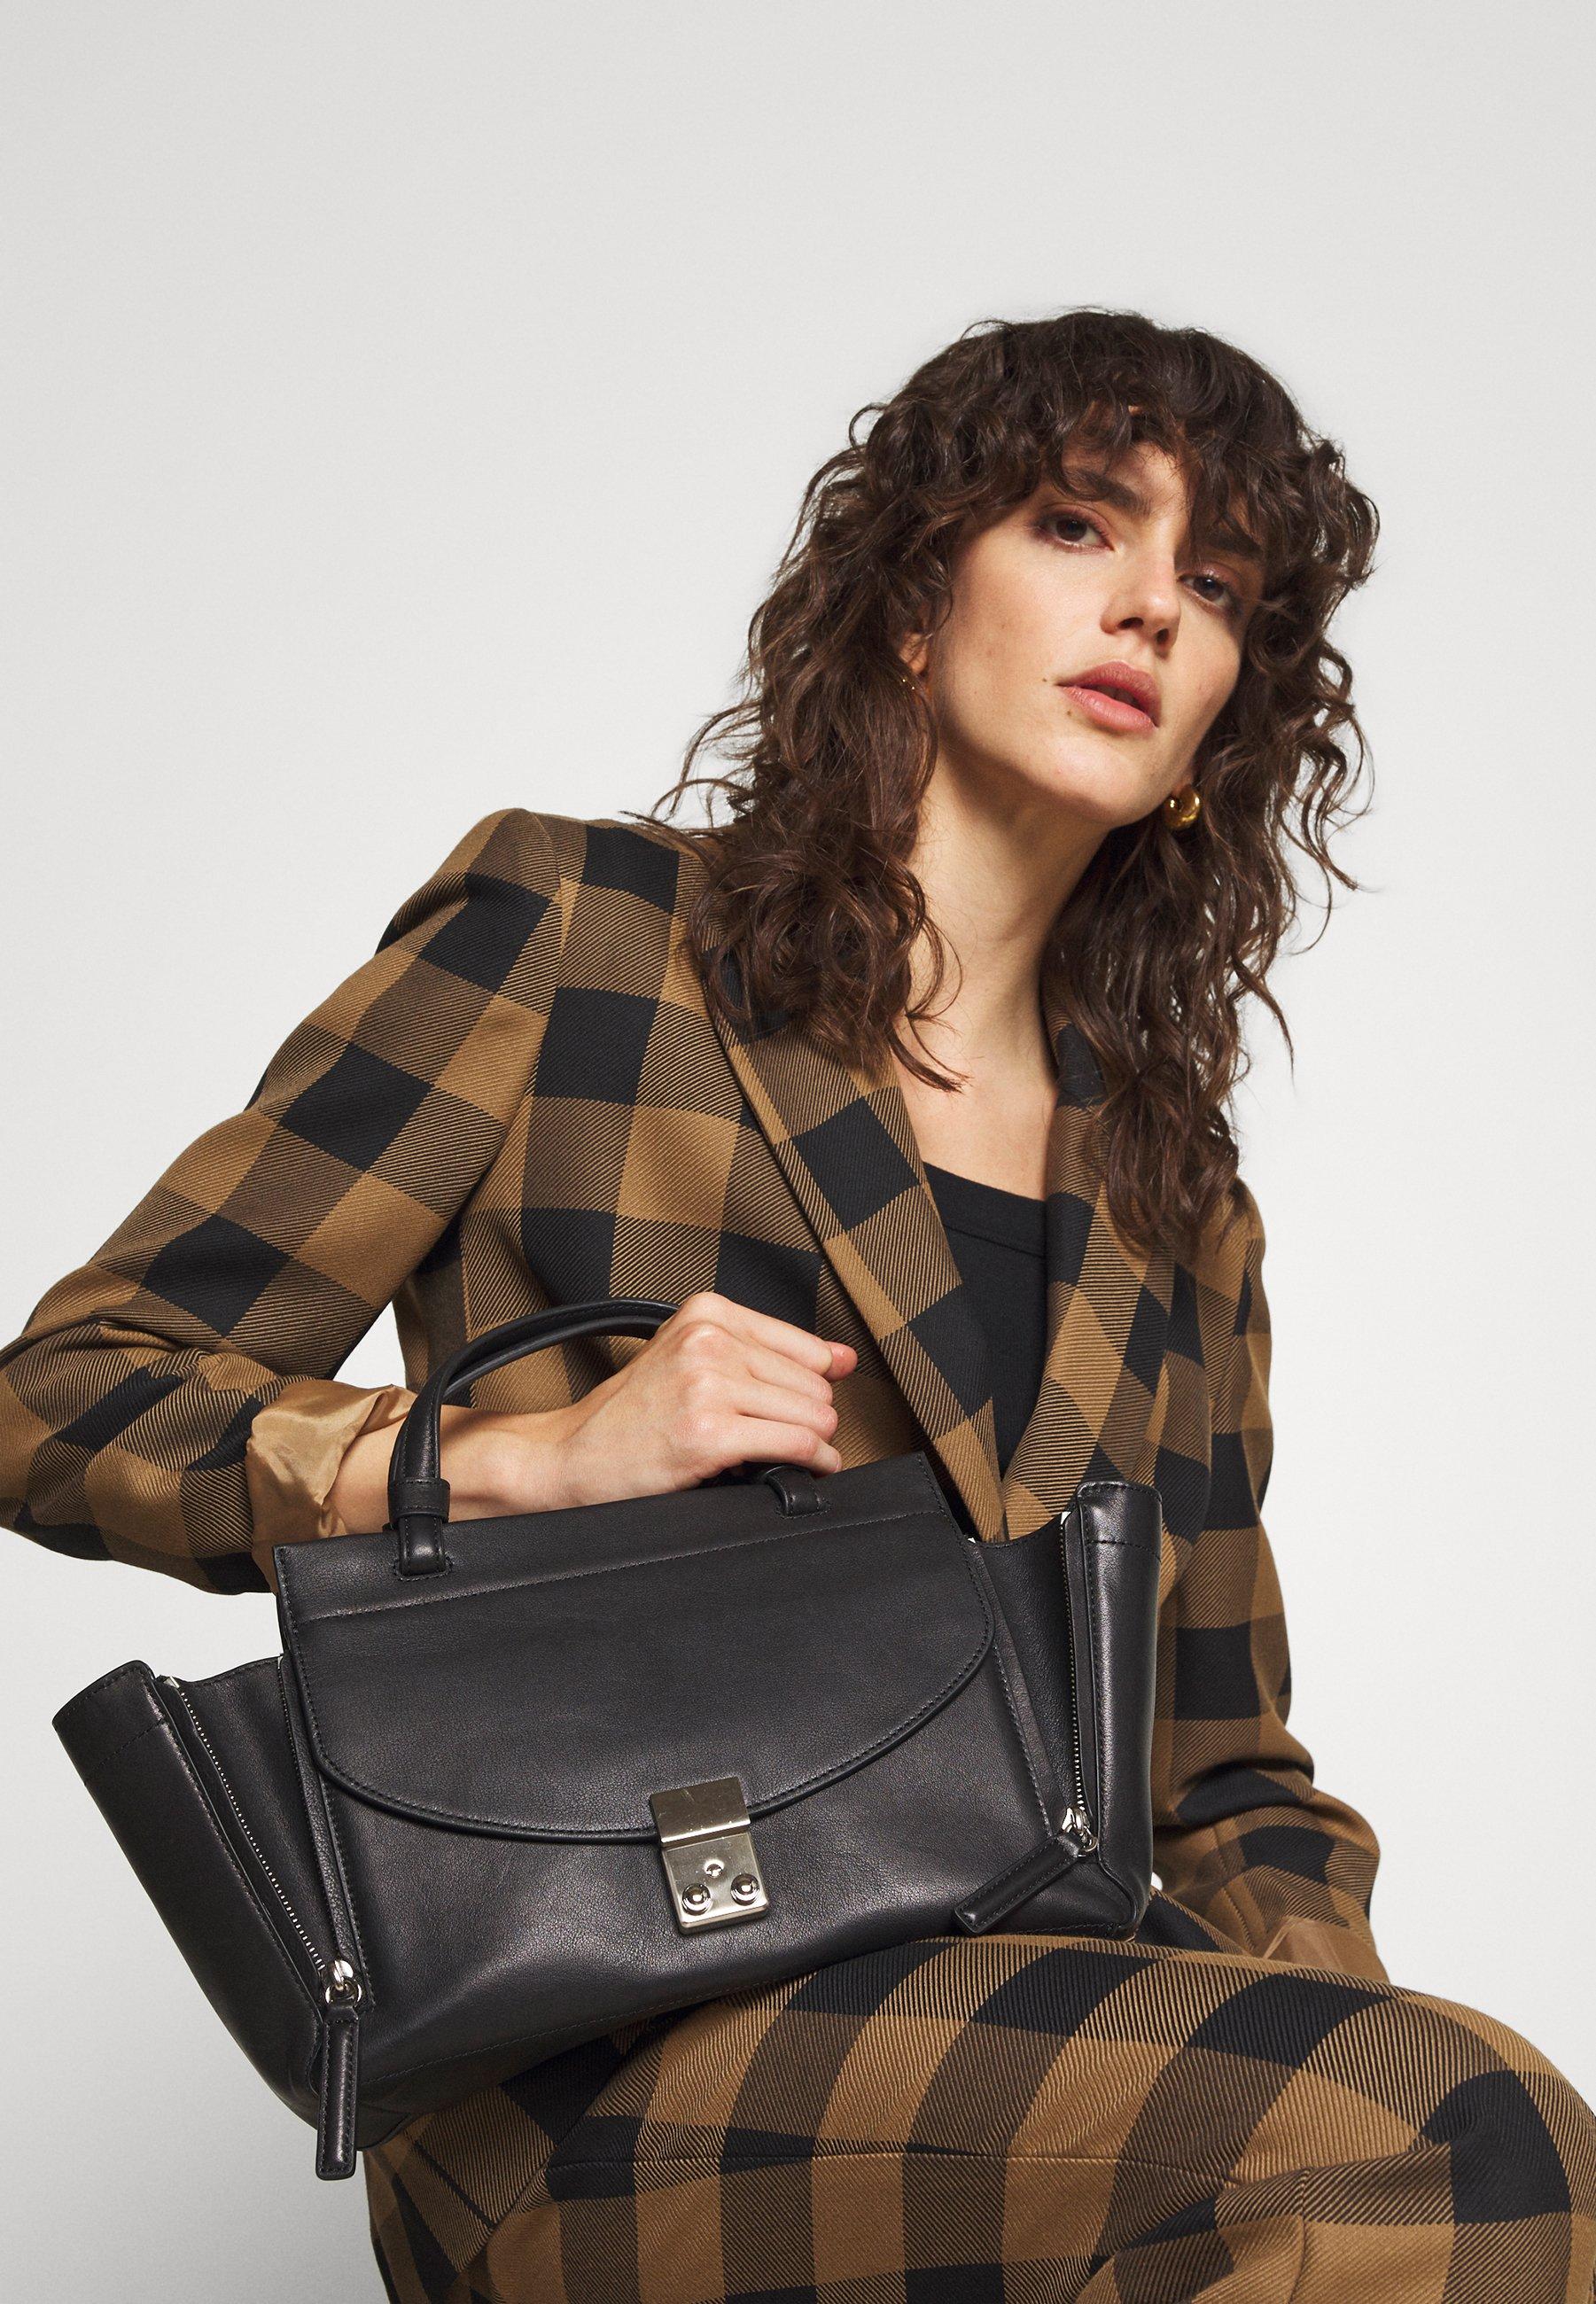 Damen PASHLI SMALL SOFT MINI SATCHEL - Handtasche